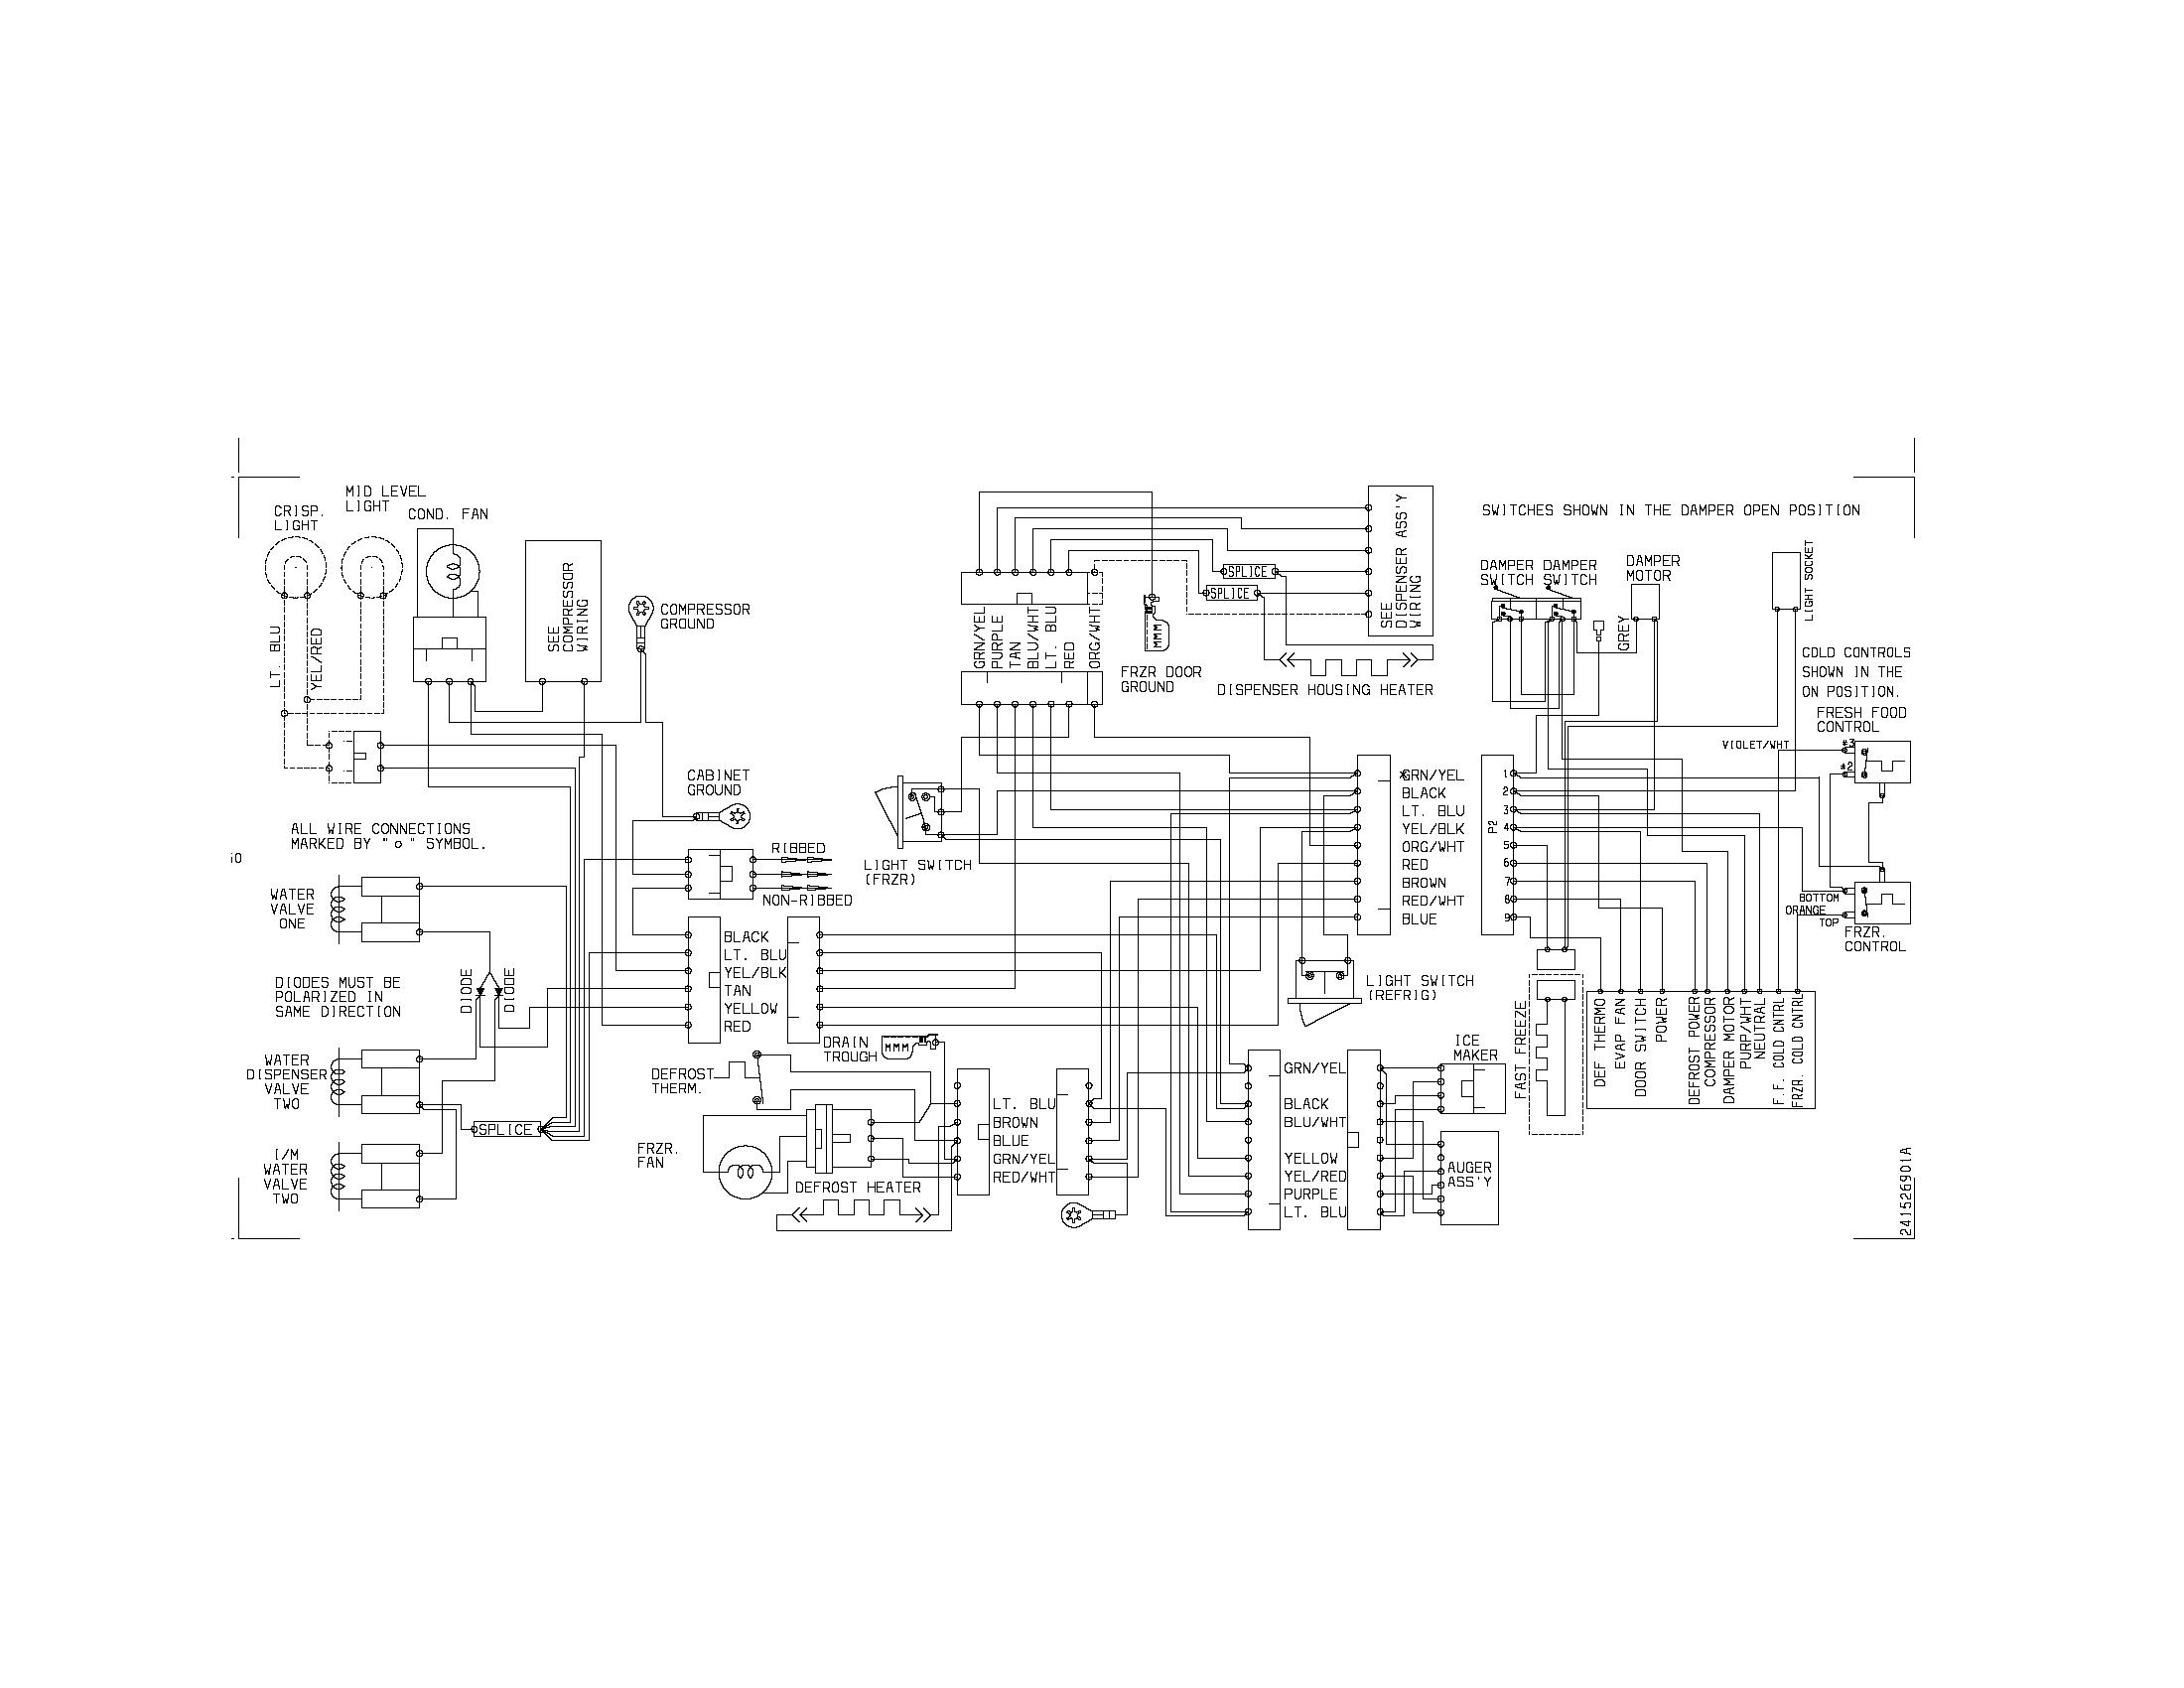 Hobart Dishwasher Wiring Diagram -36 Volt Club Car Wiring Diagram Precedent  | Begeboy Wiring Diagram Source | Hobart Dishwasher Wiring Diagram Ft 900 |  | Begeboy Wiring Diagram Source